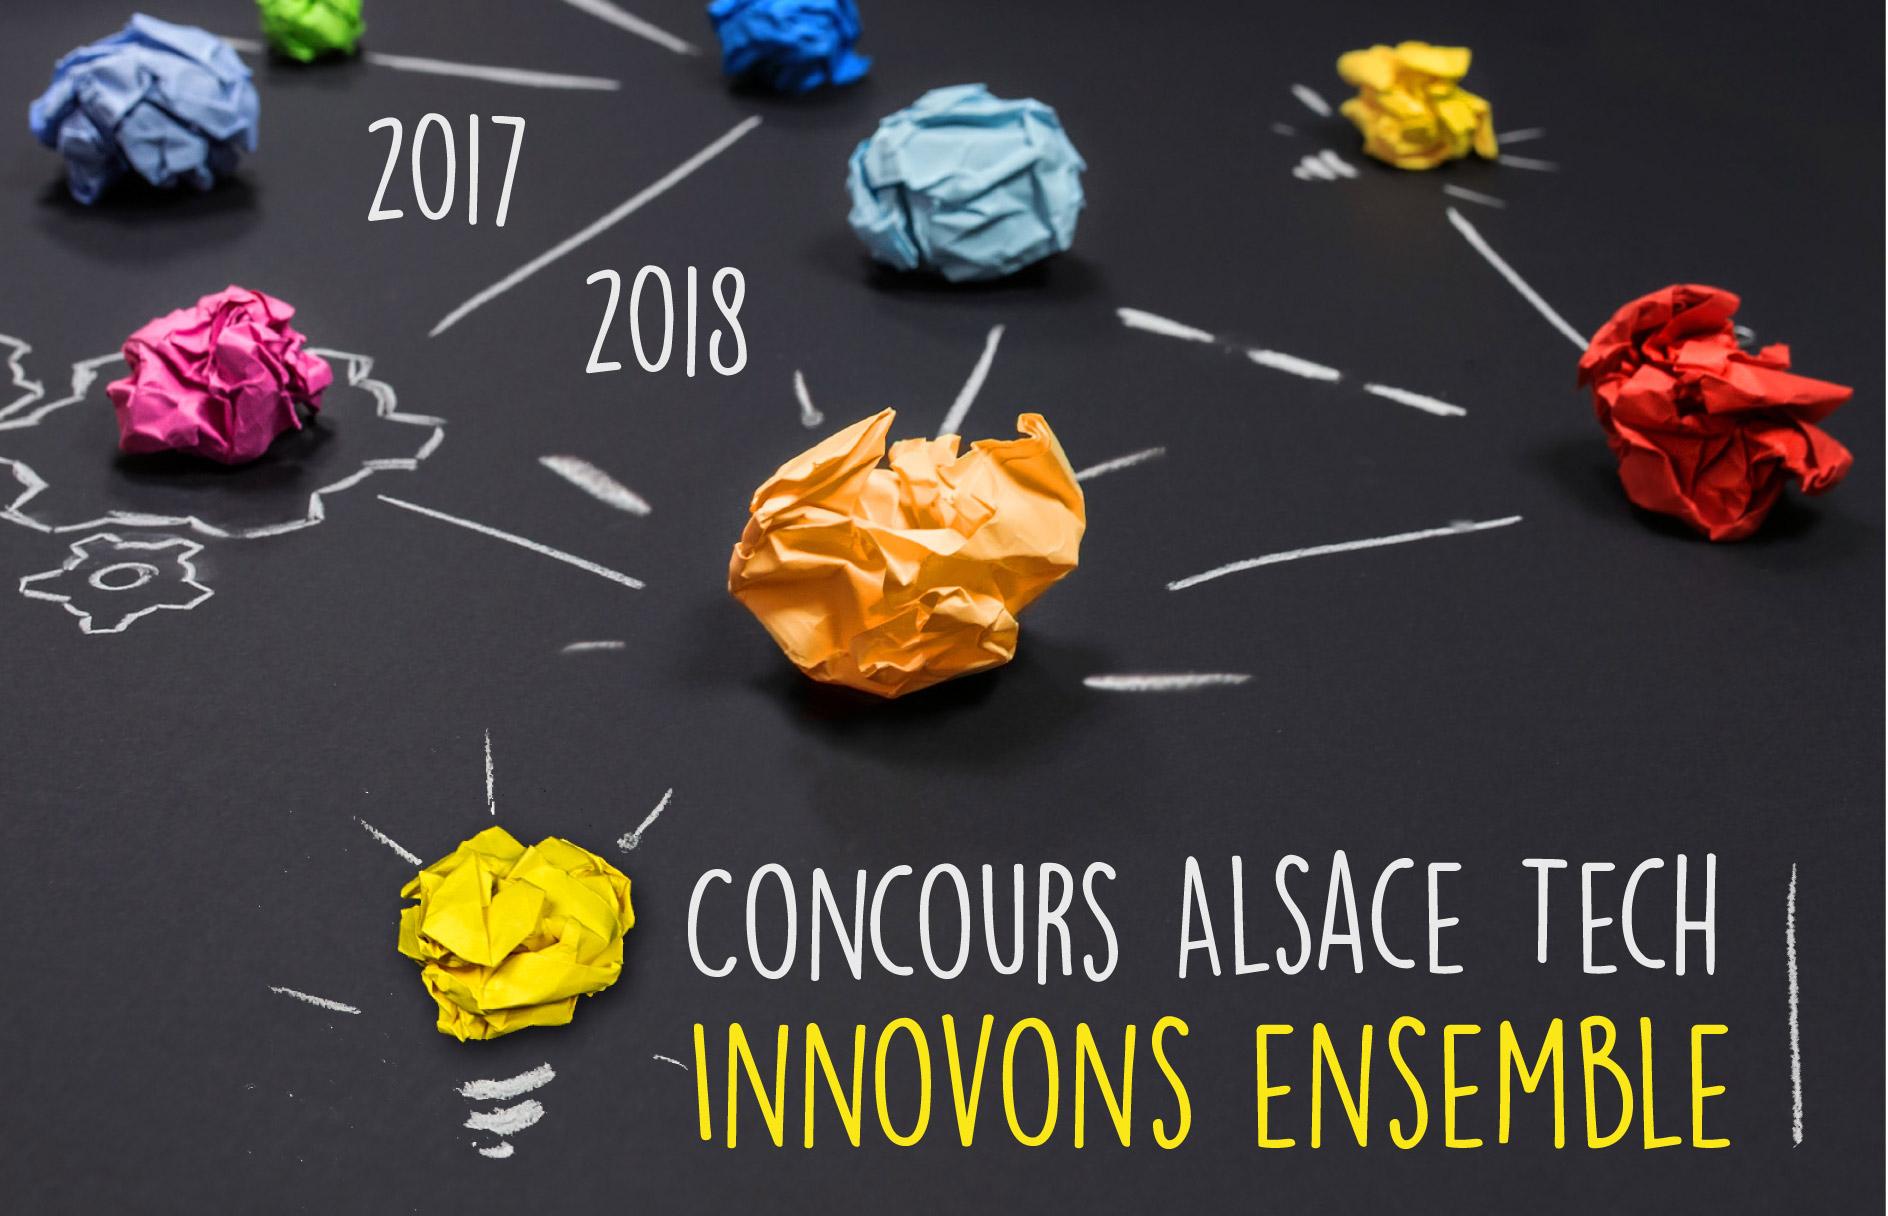 Visuel Concours Alsace Tech 2017-2018